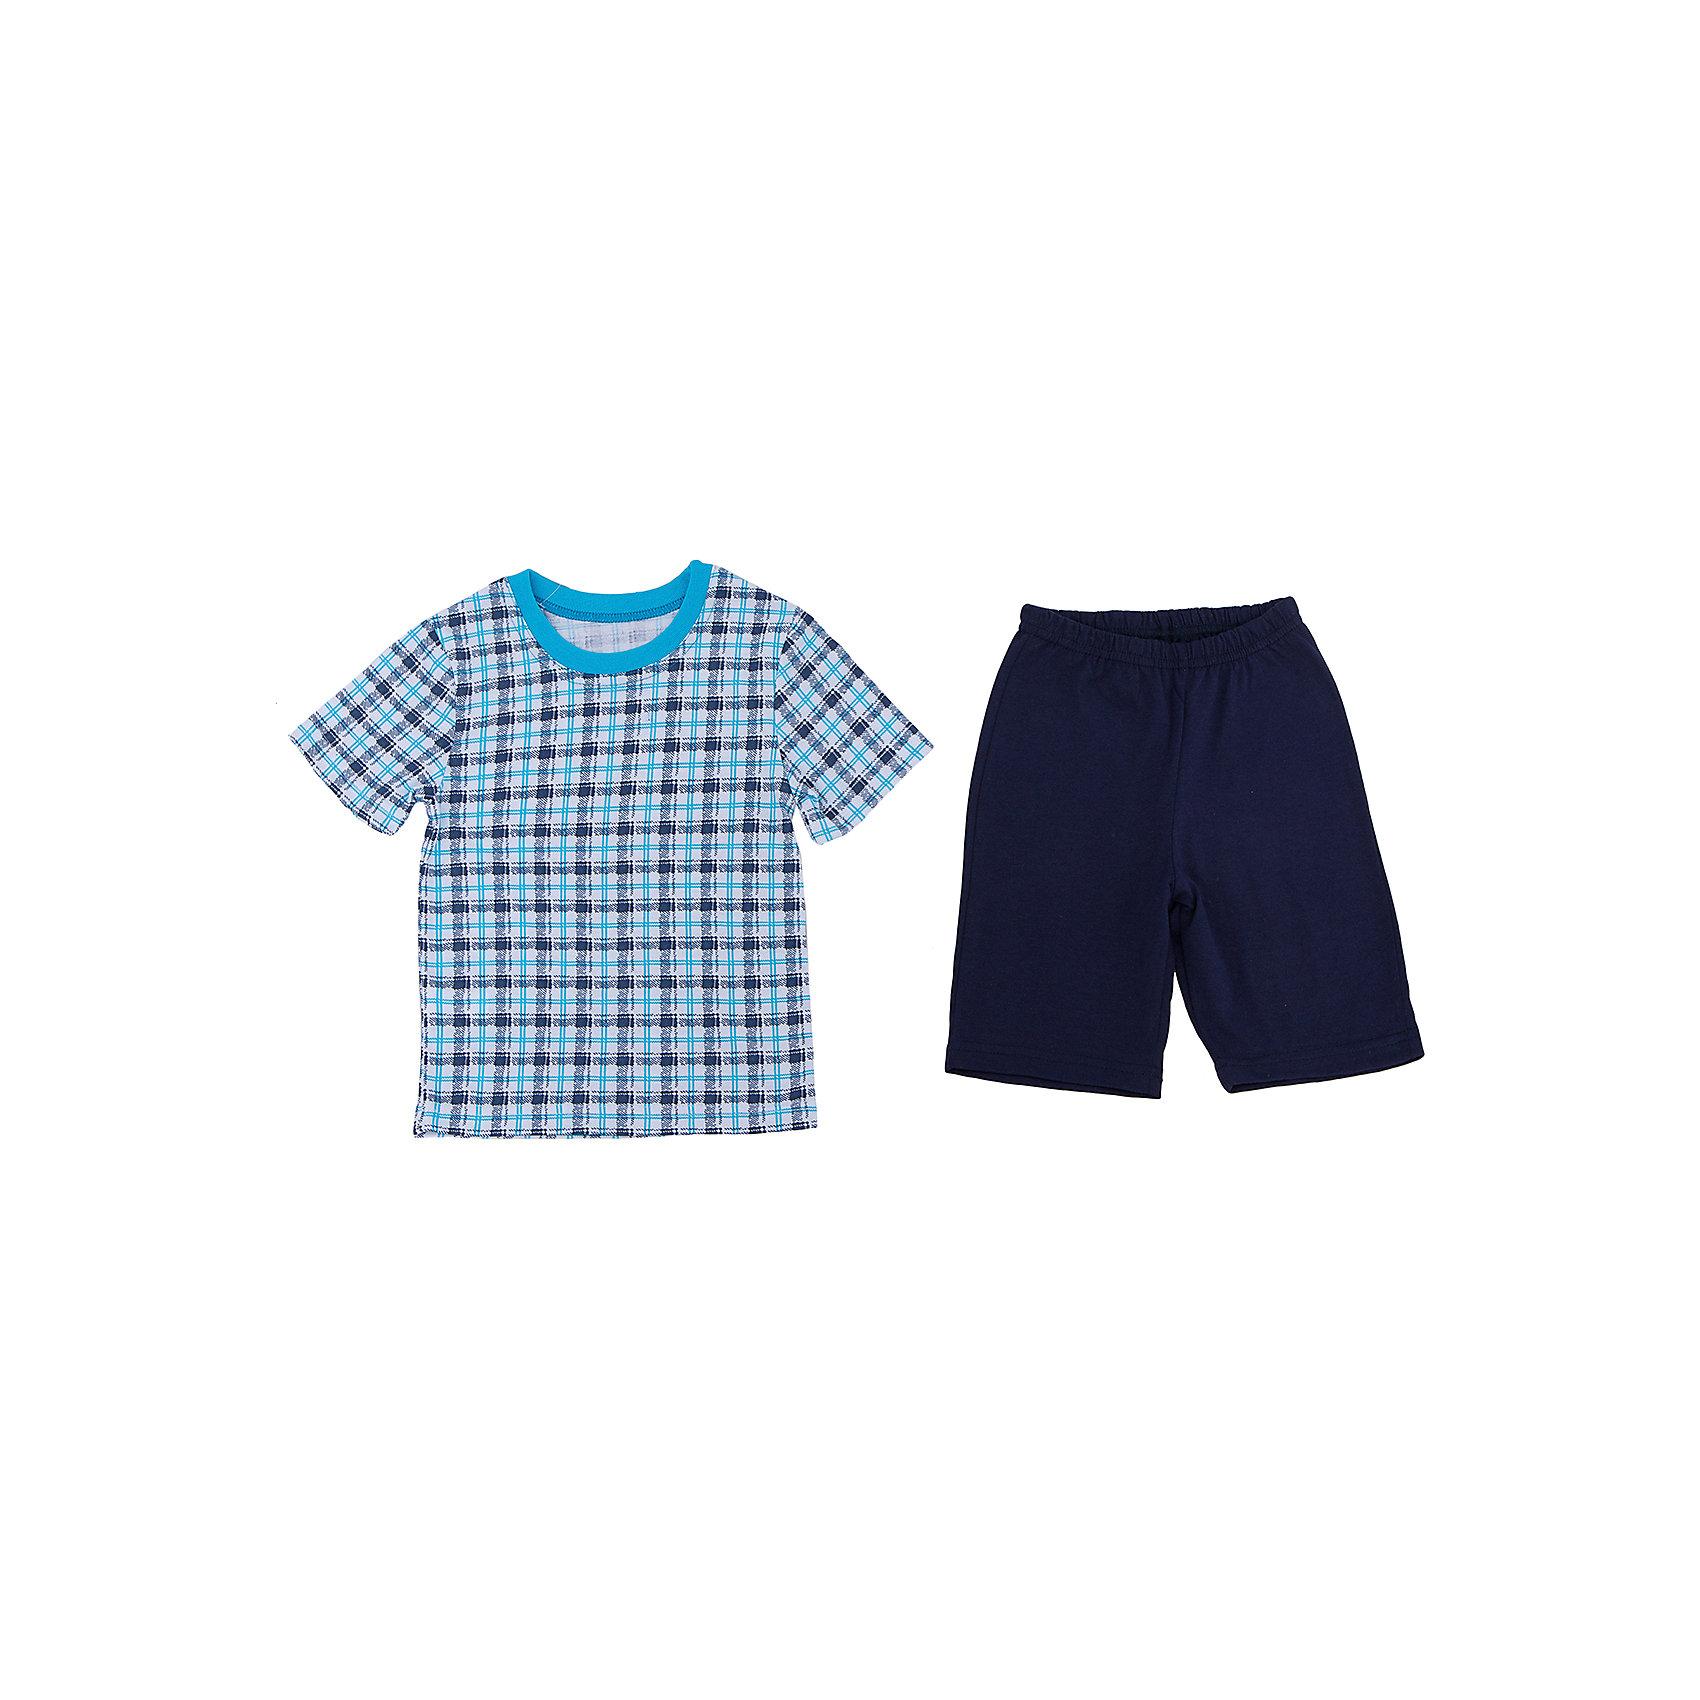 Пижама для мальчика АпрельПижамы и сорочки<br>Пижама для мальчика Апрель.<br><br>Характеристики:<br>• состав: 100% хлопок<br>• цвет: синий<br><br>Пижама от марки Апрель изготовлена из мягкого хлопка, приятного на ощупь. Синие шорты хорошо сочетаются с футболкой в клетку. Спать в такой пижаме очень комфортно!<br><br>Пижаму для мальчика Апрель можно приобрести в нашем интернет-магазине.<br><br>Ширина мм: 281<br>Глубина мм: 70<br>Высота мм: 188<br>Вес г: 295<br>Цвет: синий<br>Возраст от месяцев: 60<br>Возраст до месяцев: 72<br>Пол: Мужской<br>Возраст: Детский<br>Размер: 116,86,92,98,104,110<br>SKU: 4936785